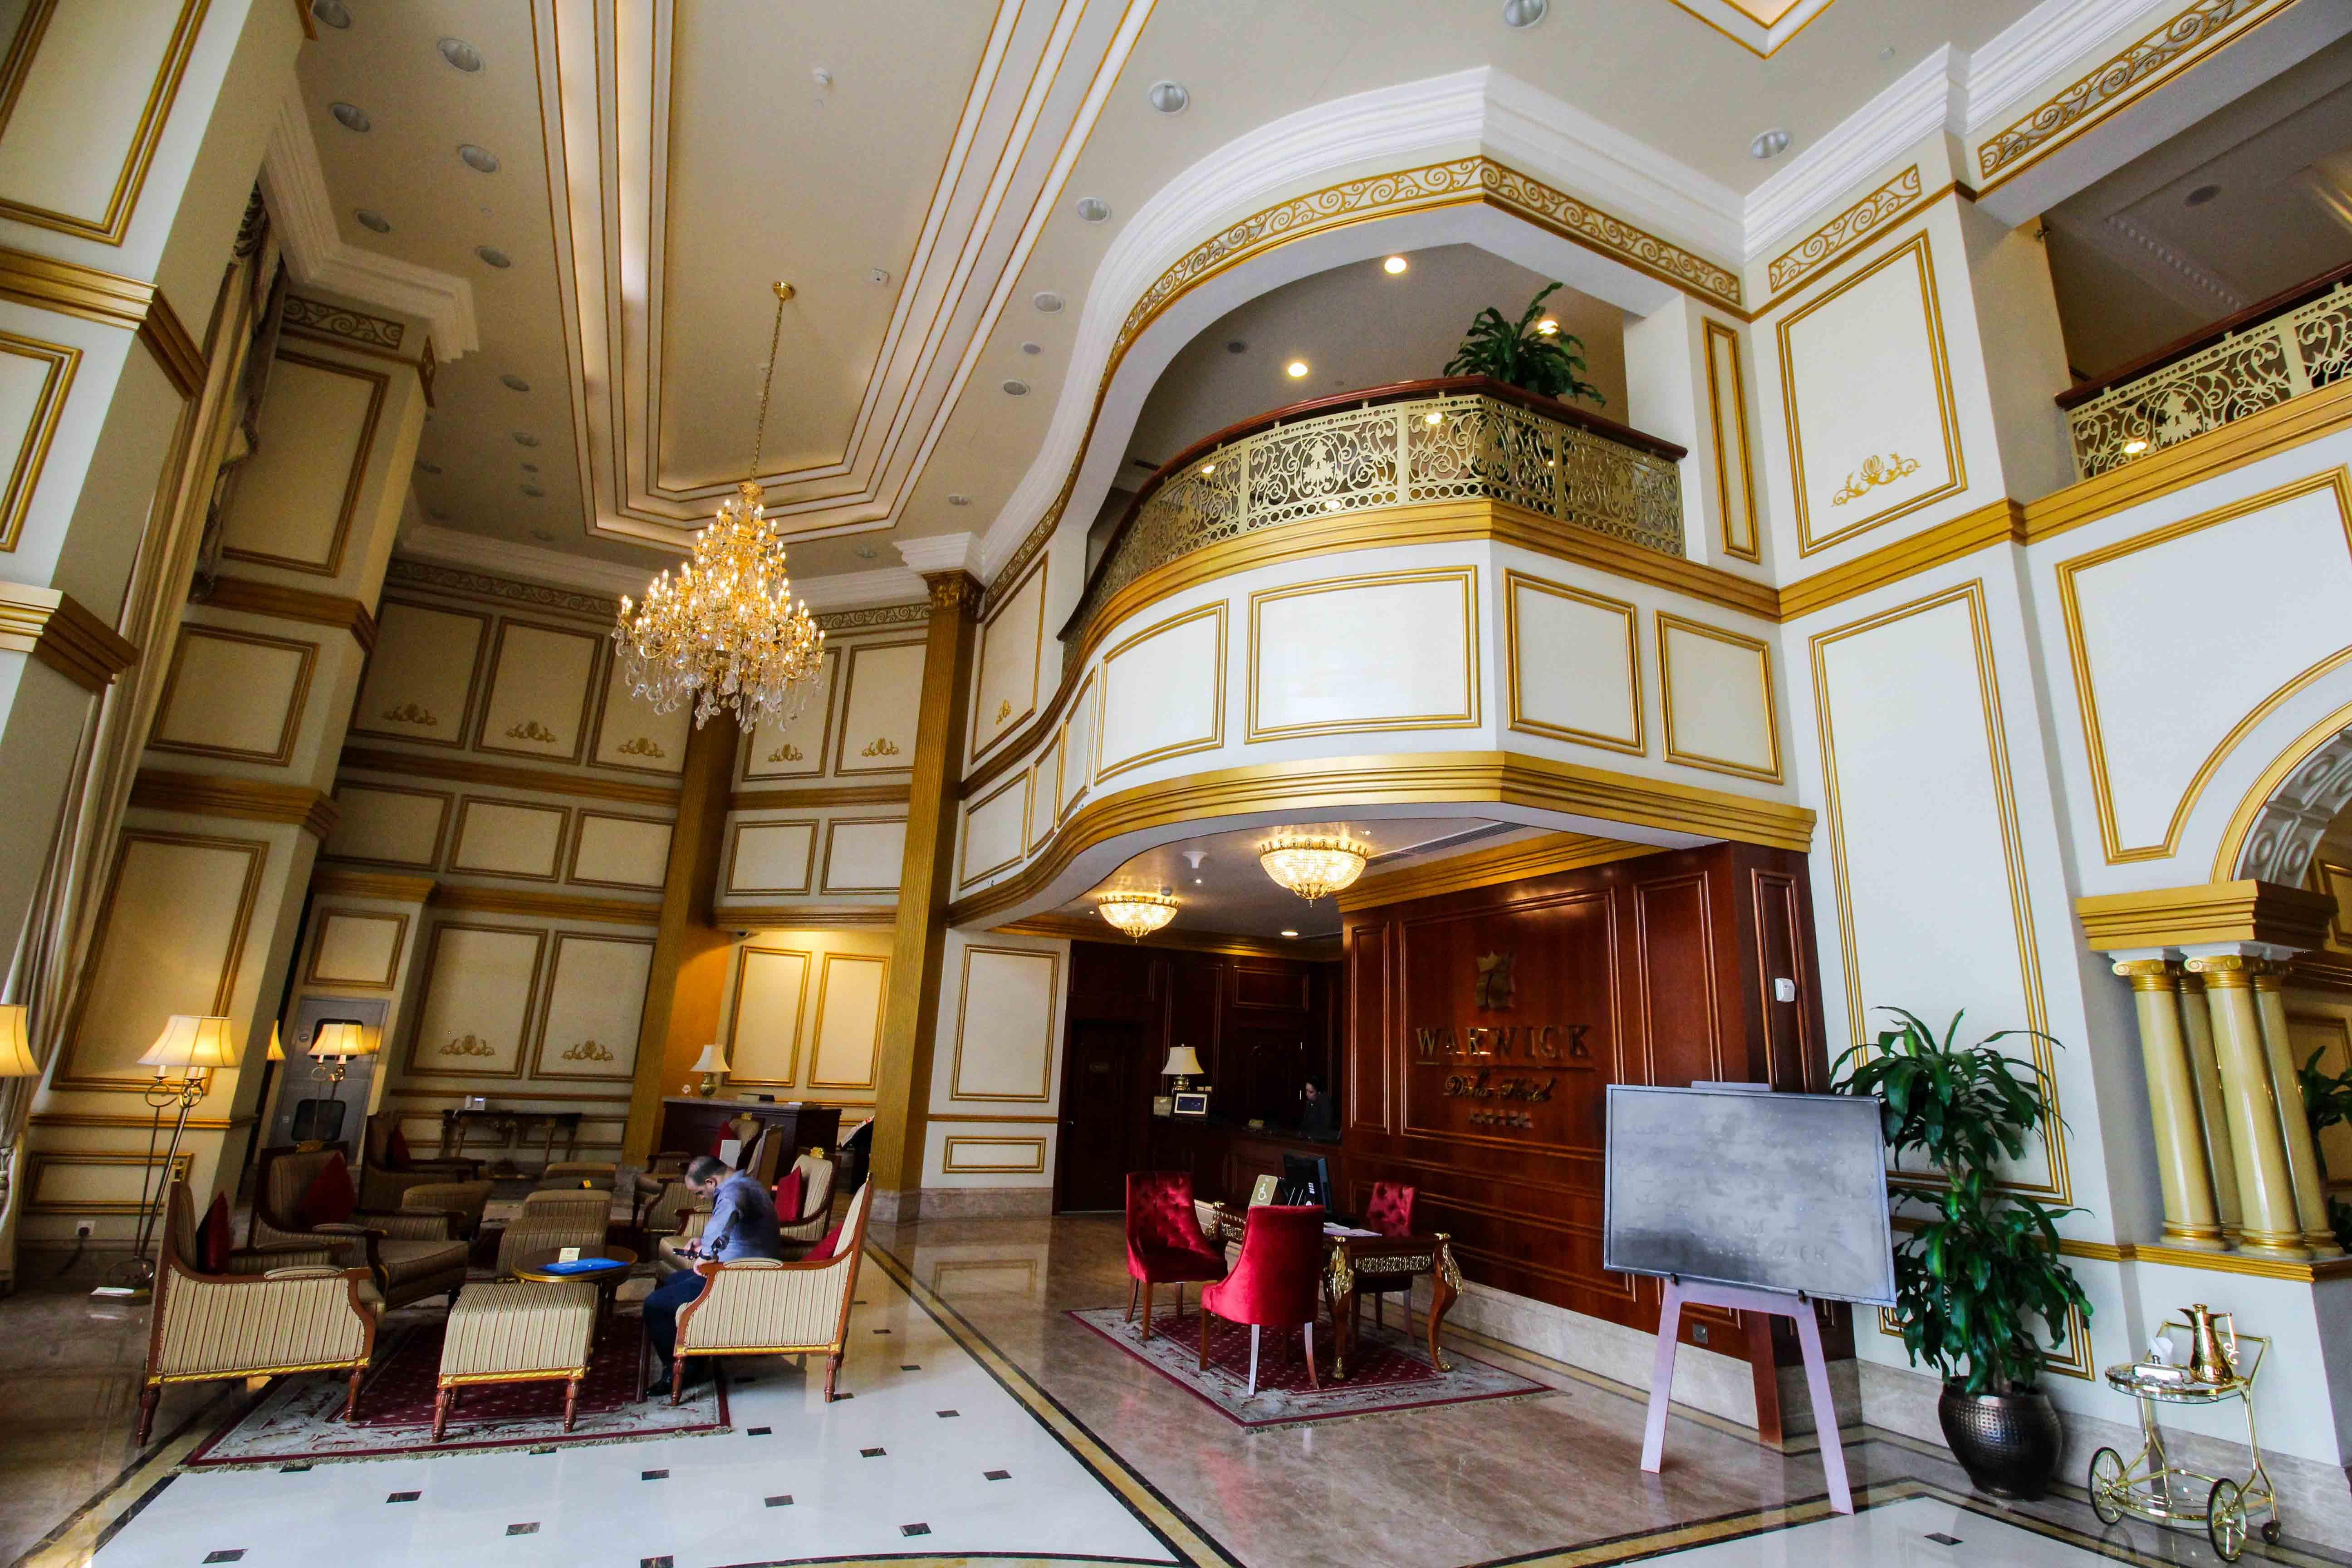 Warwick Hotel Doha Eingangshalle Gold Luxushotel 5 Sterne Hotel Qatar Reiseblog 3